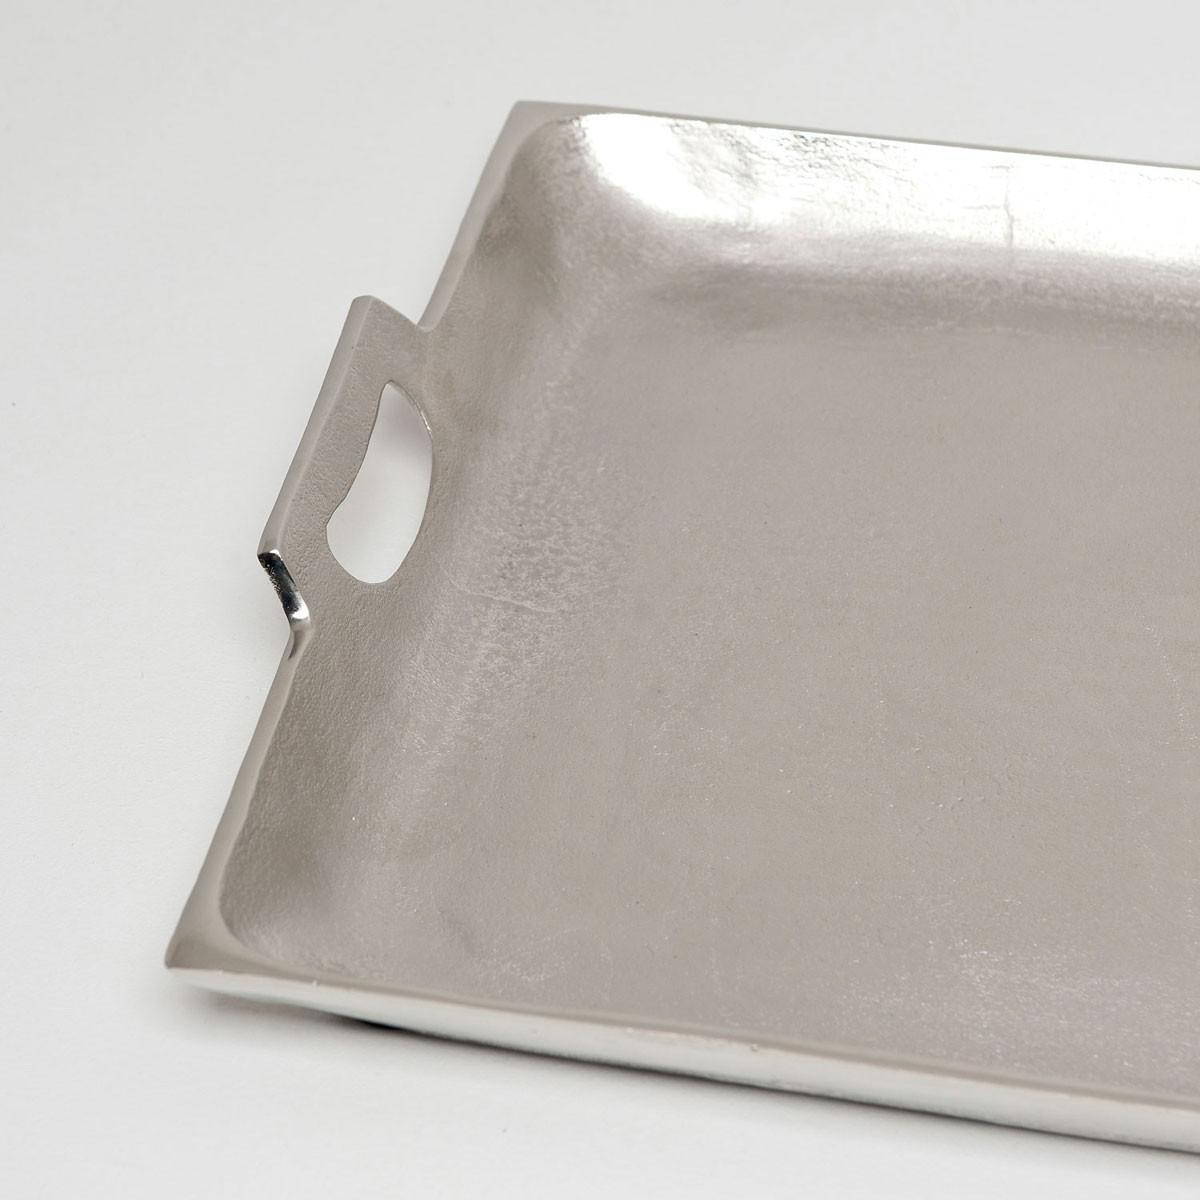 Tablett Groß holländer 334 35129 tablett domestica gross aluminium silber